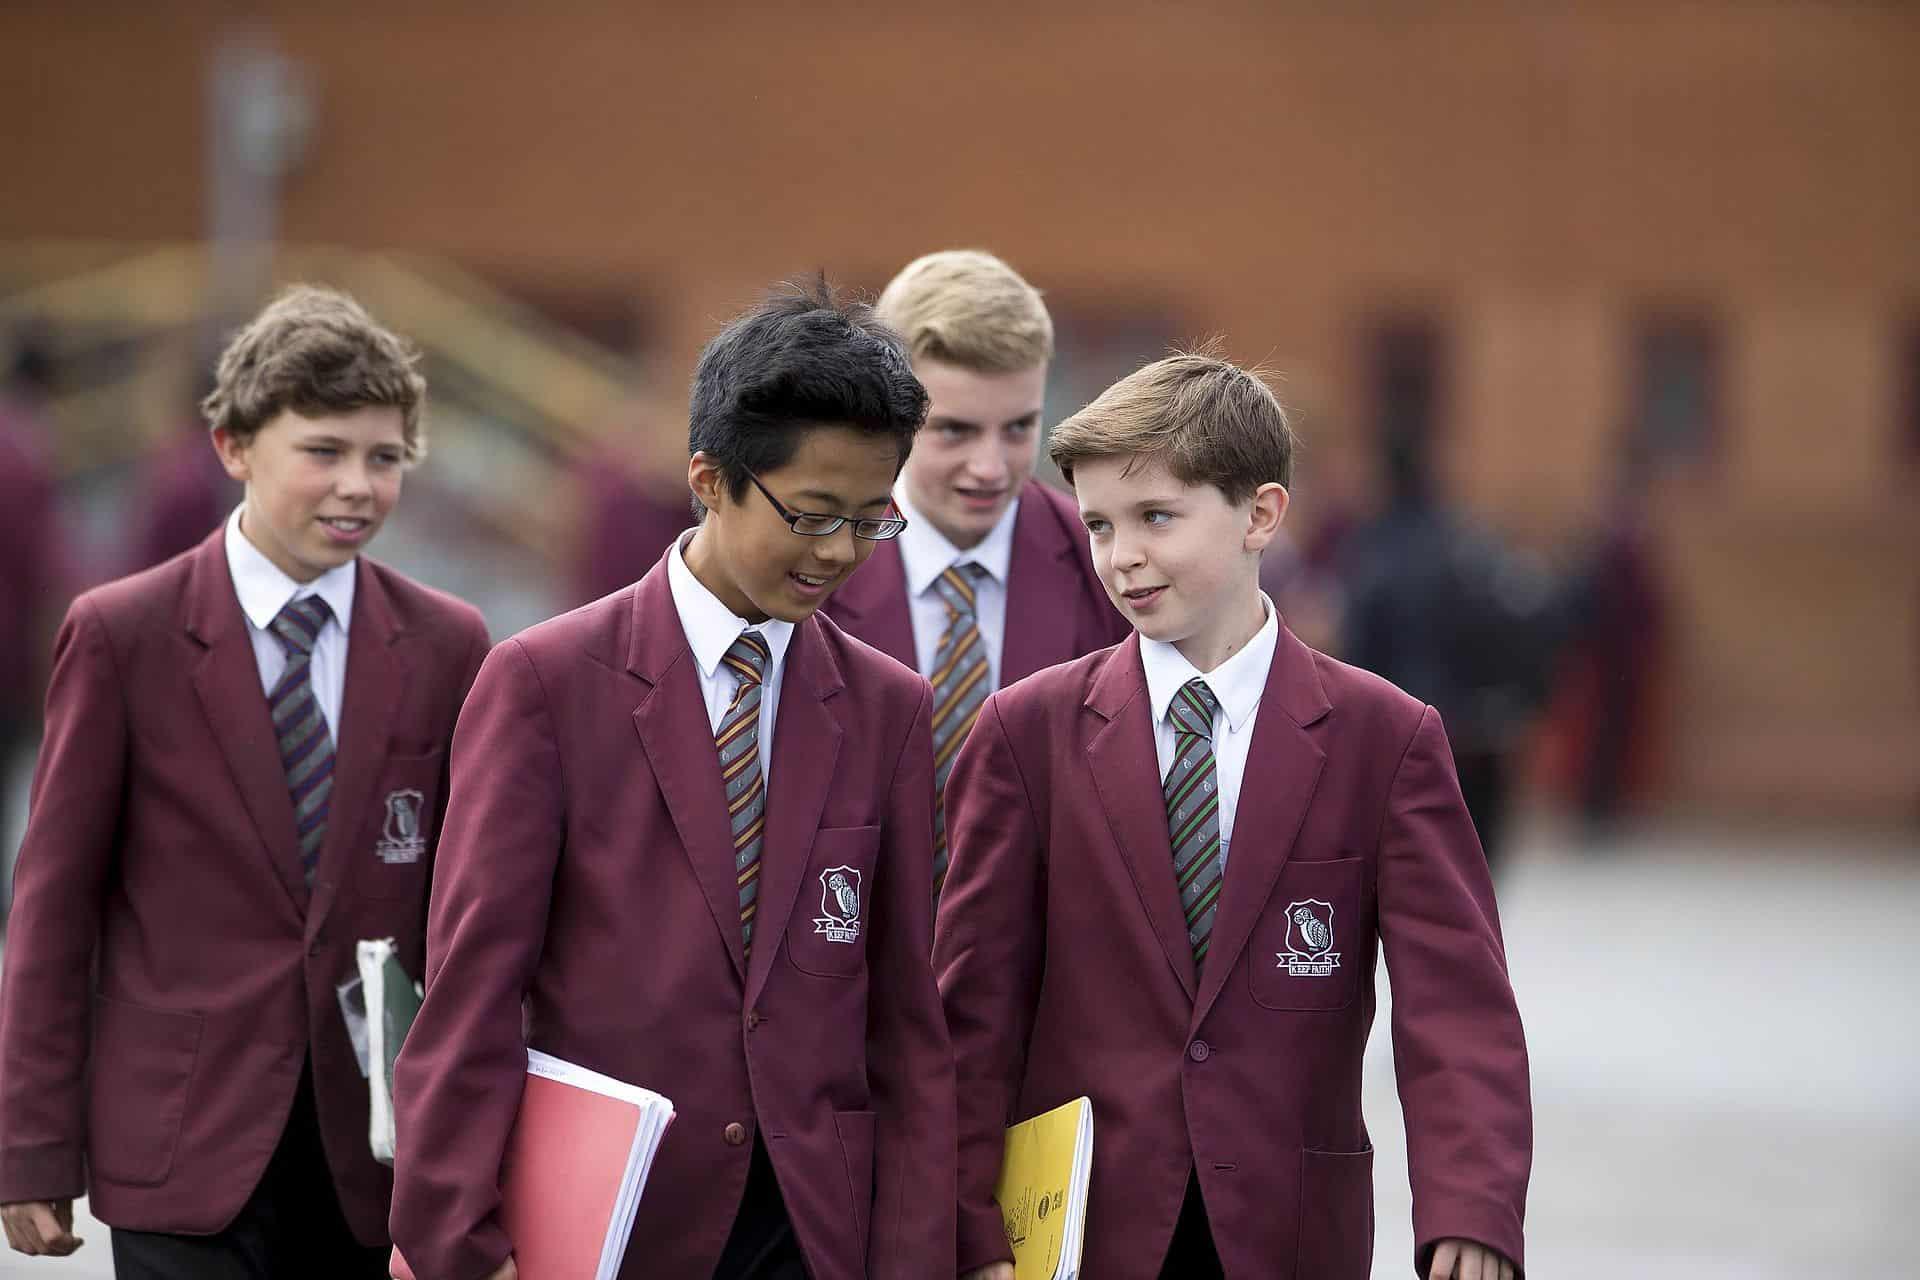 scoala in anglia pentru copii romani